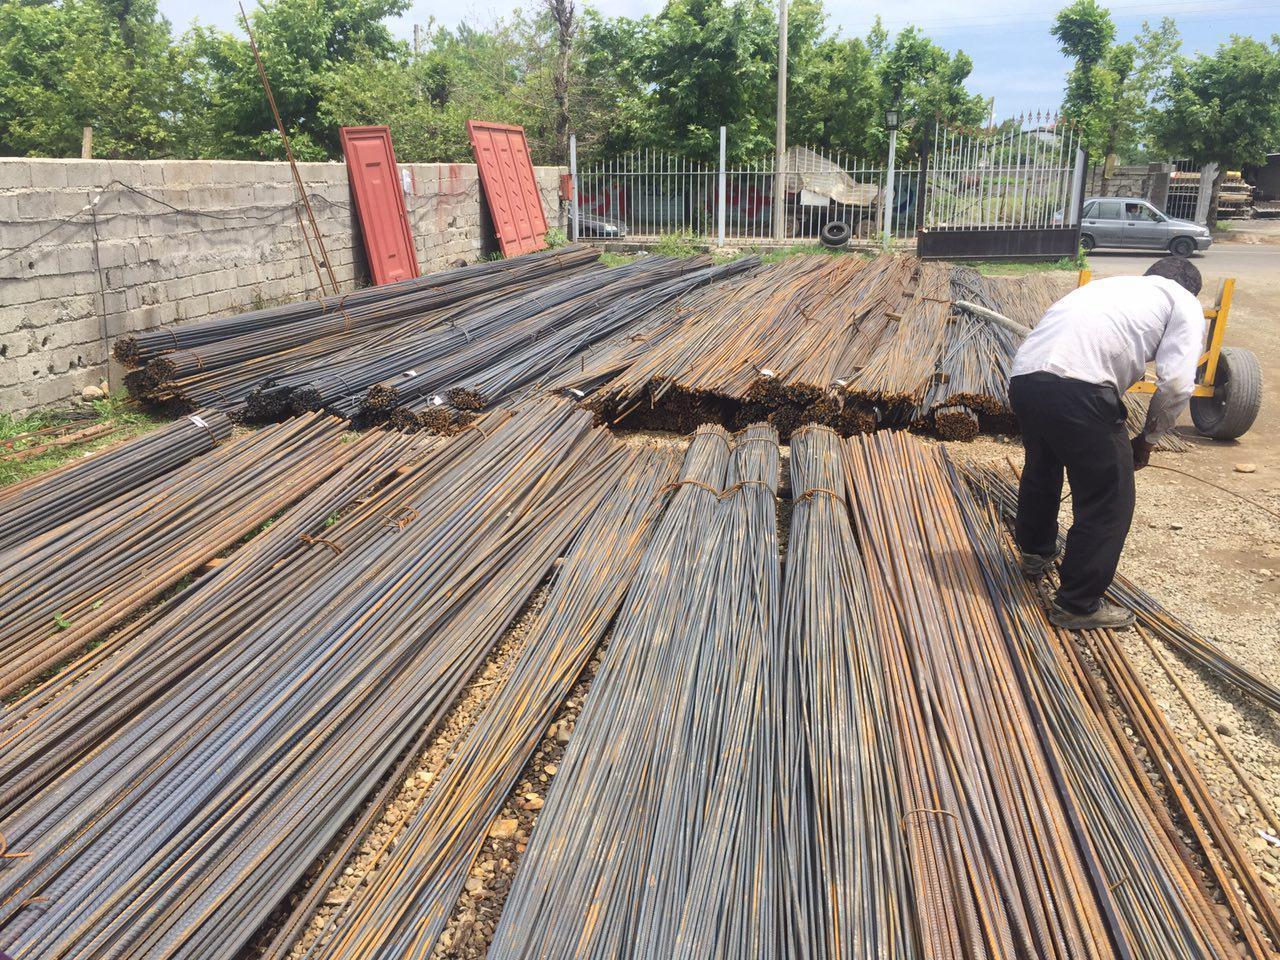 تنگنای آهن سازان و آهن فروشان/محوری ترین صنعت کشور،غرق در رکود